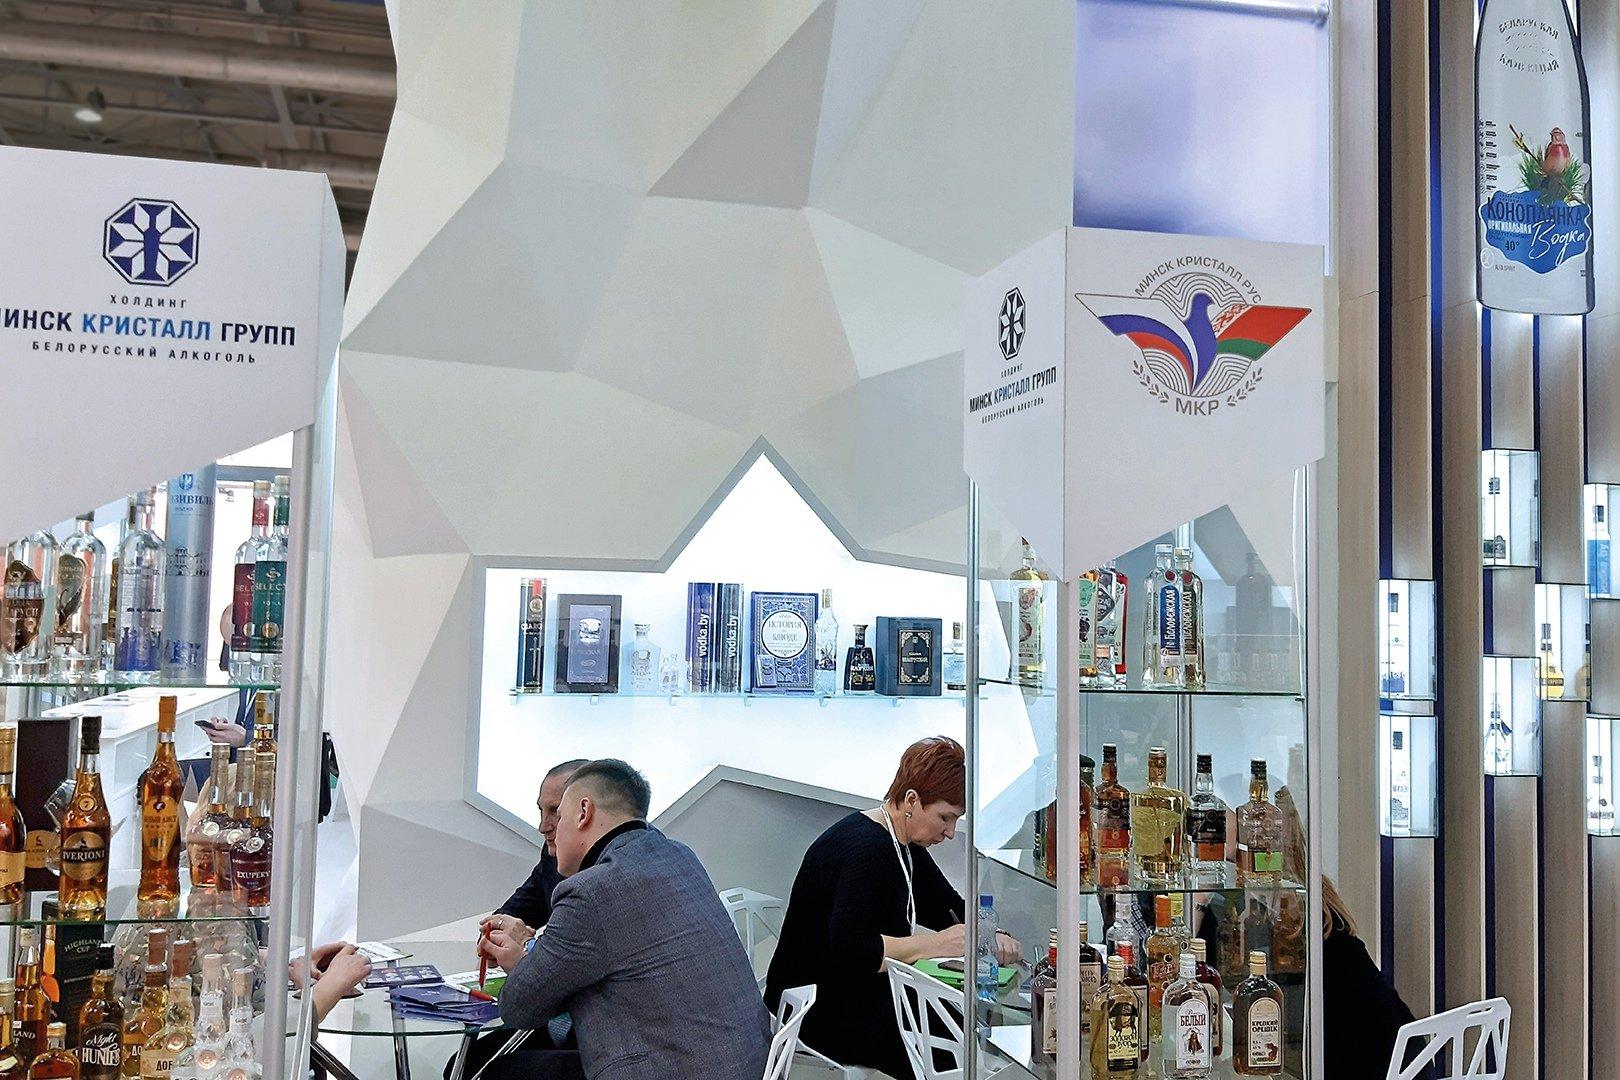 стенд компании Минск Кристалл Групп на российской выставке